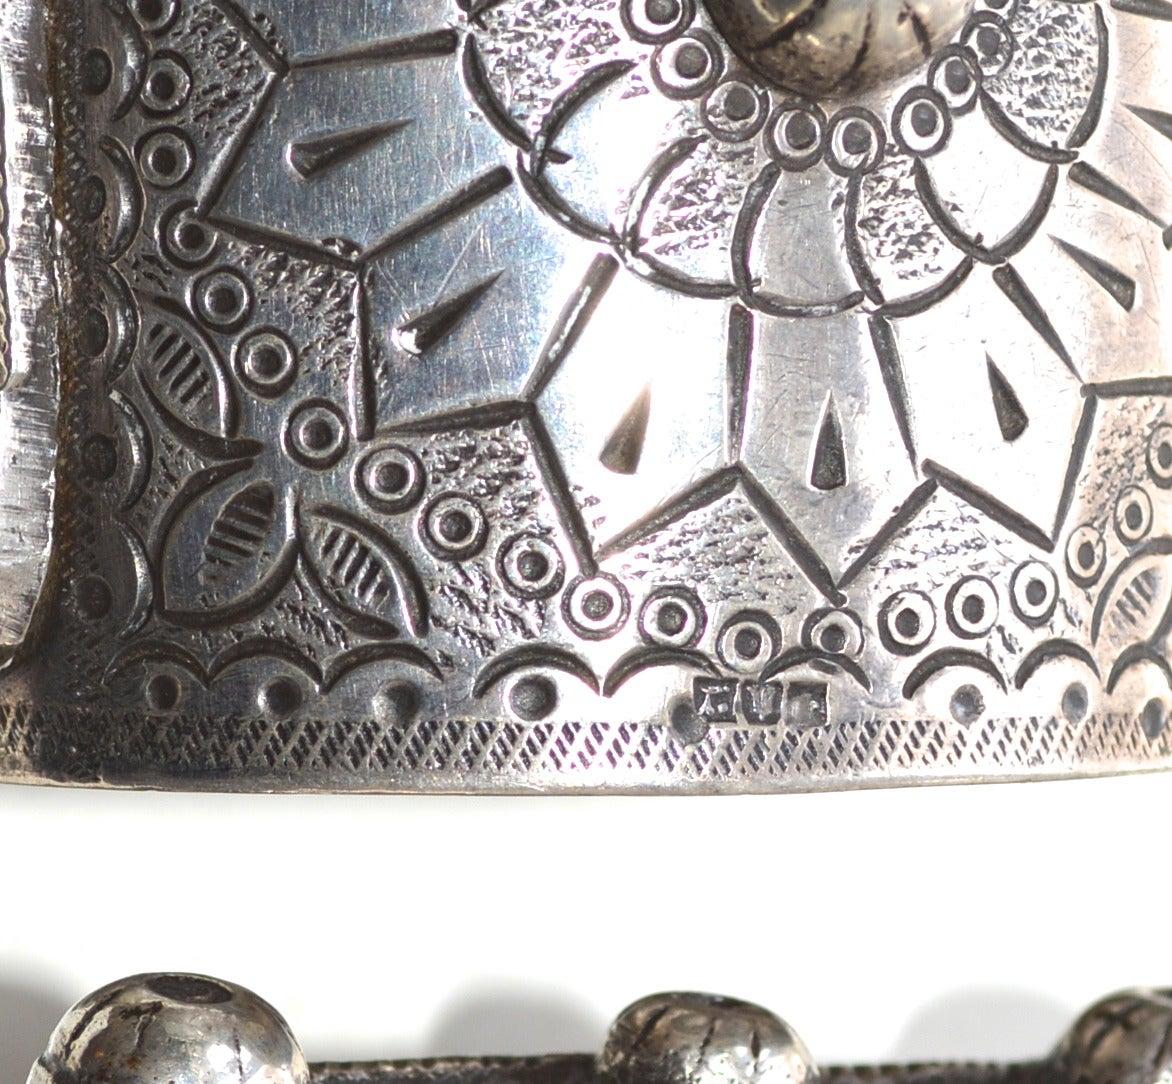 Egyptian 900 Silver Cuffs / Bedouin Armor Bracelets / Siwa Oasis For Sale 3